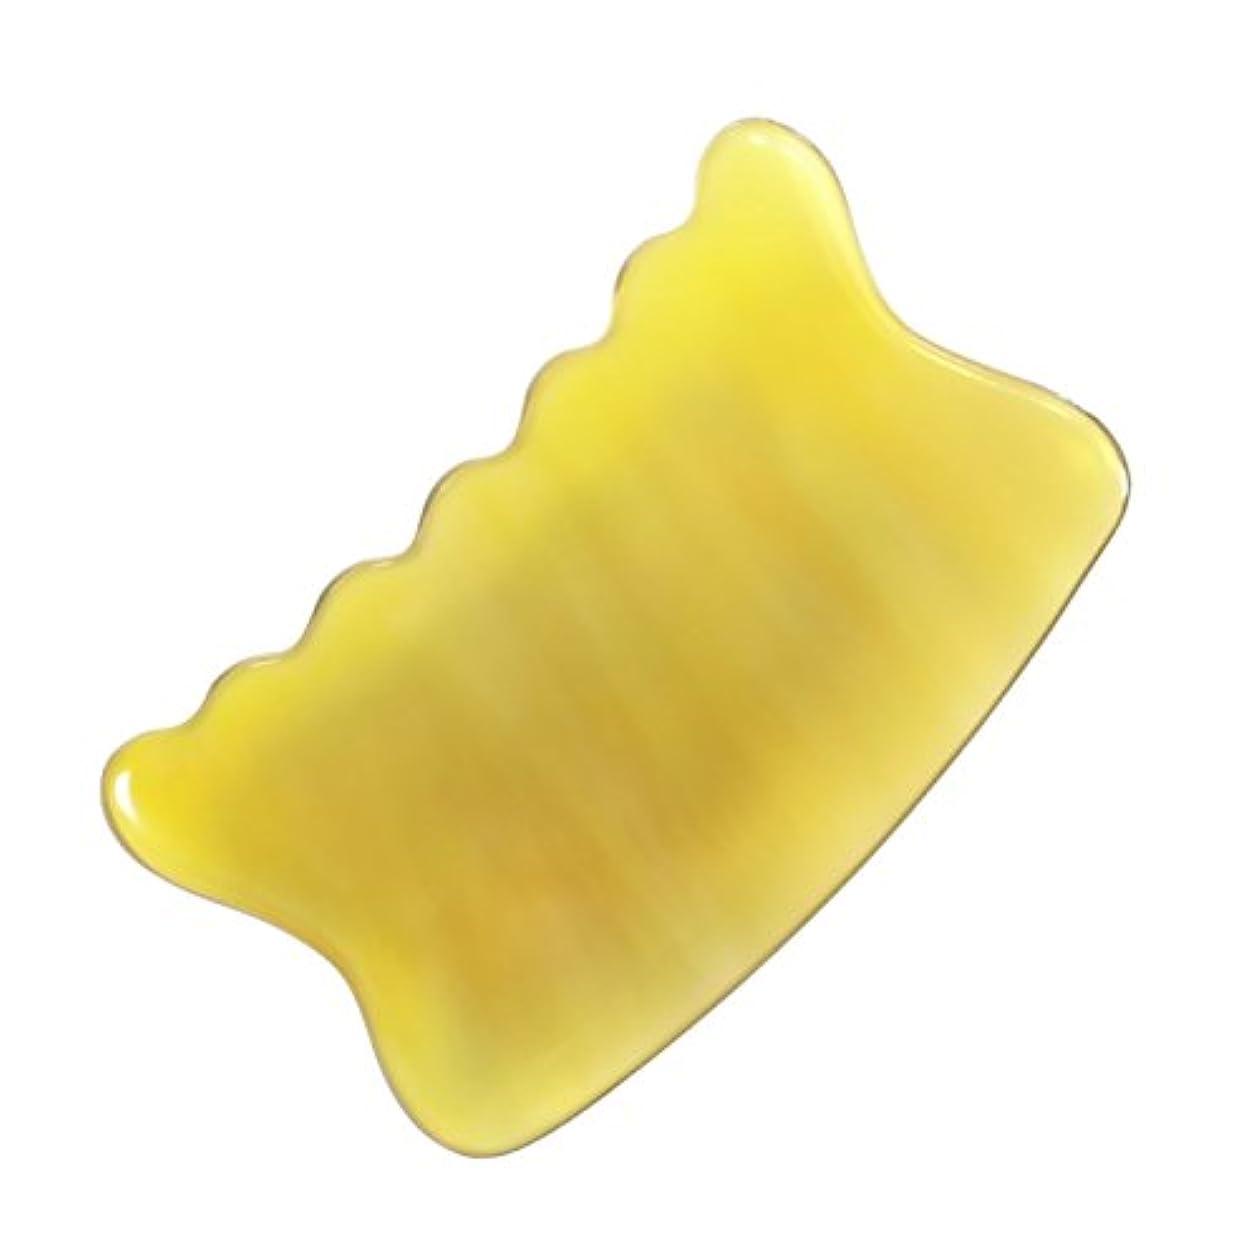 学部代替フィードオンかっさ プレート 希少68 黄水牛角 極美品 曲波型